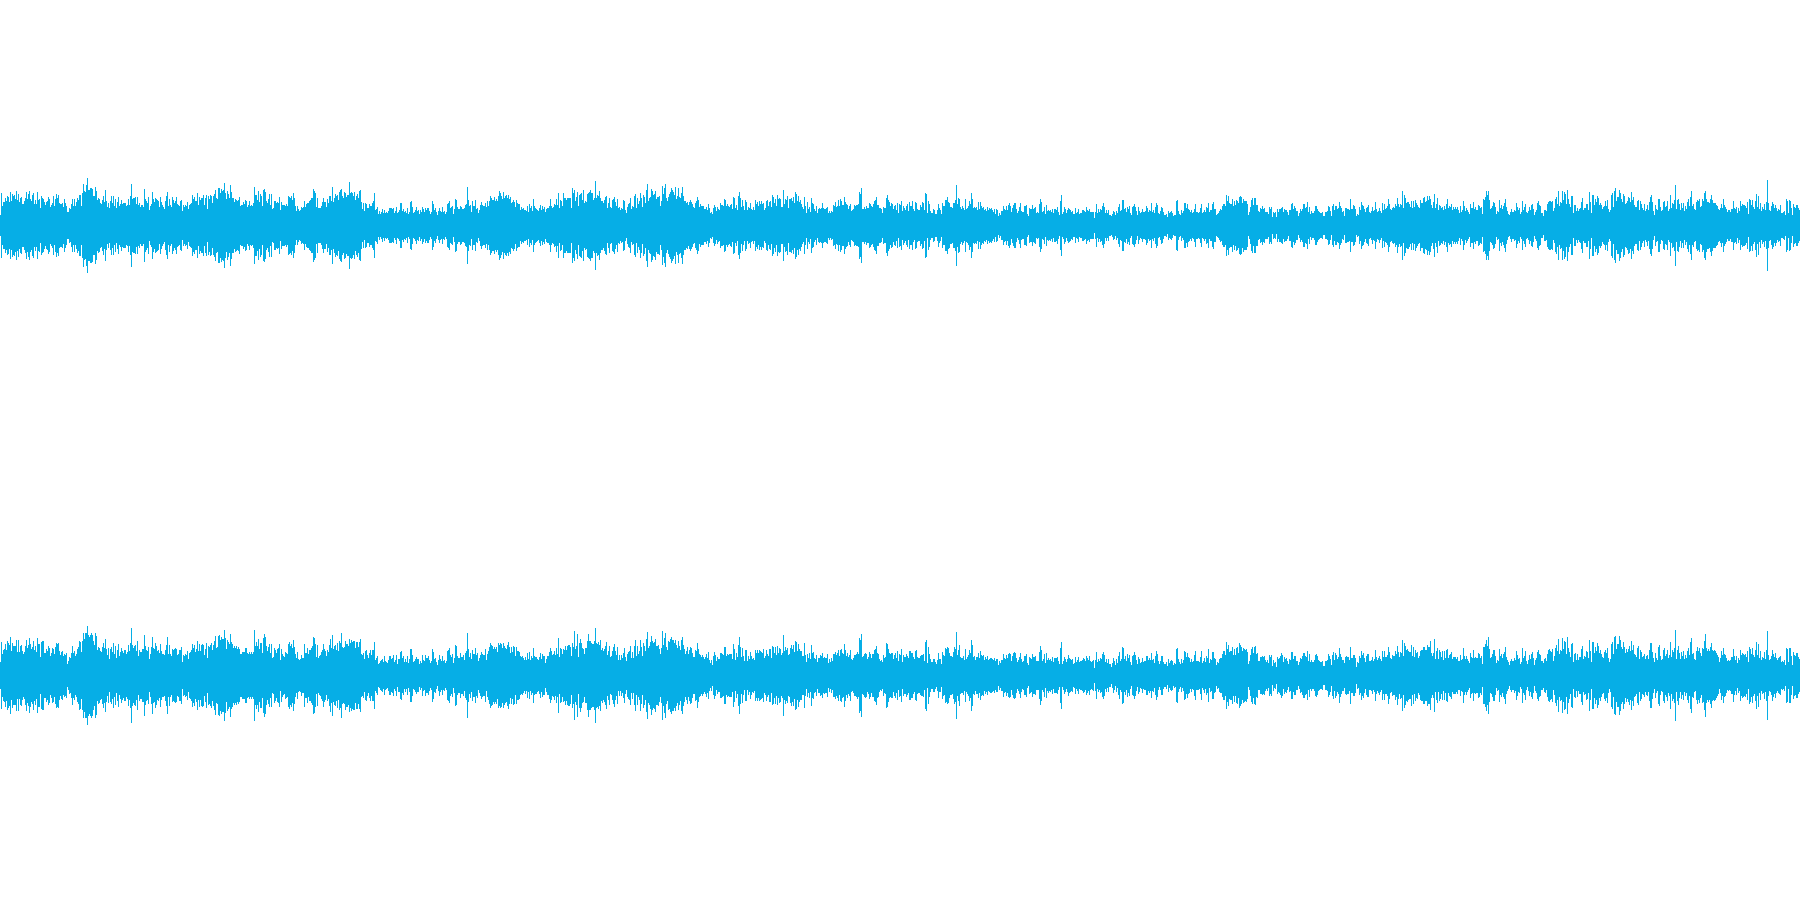 ザー・ざー・ぶおーんの再生済みの波形